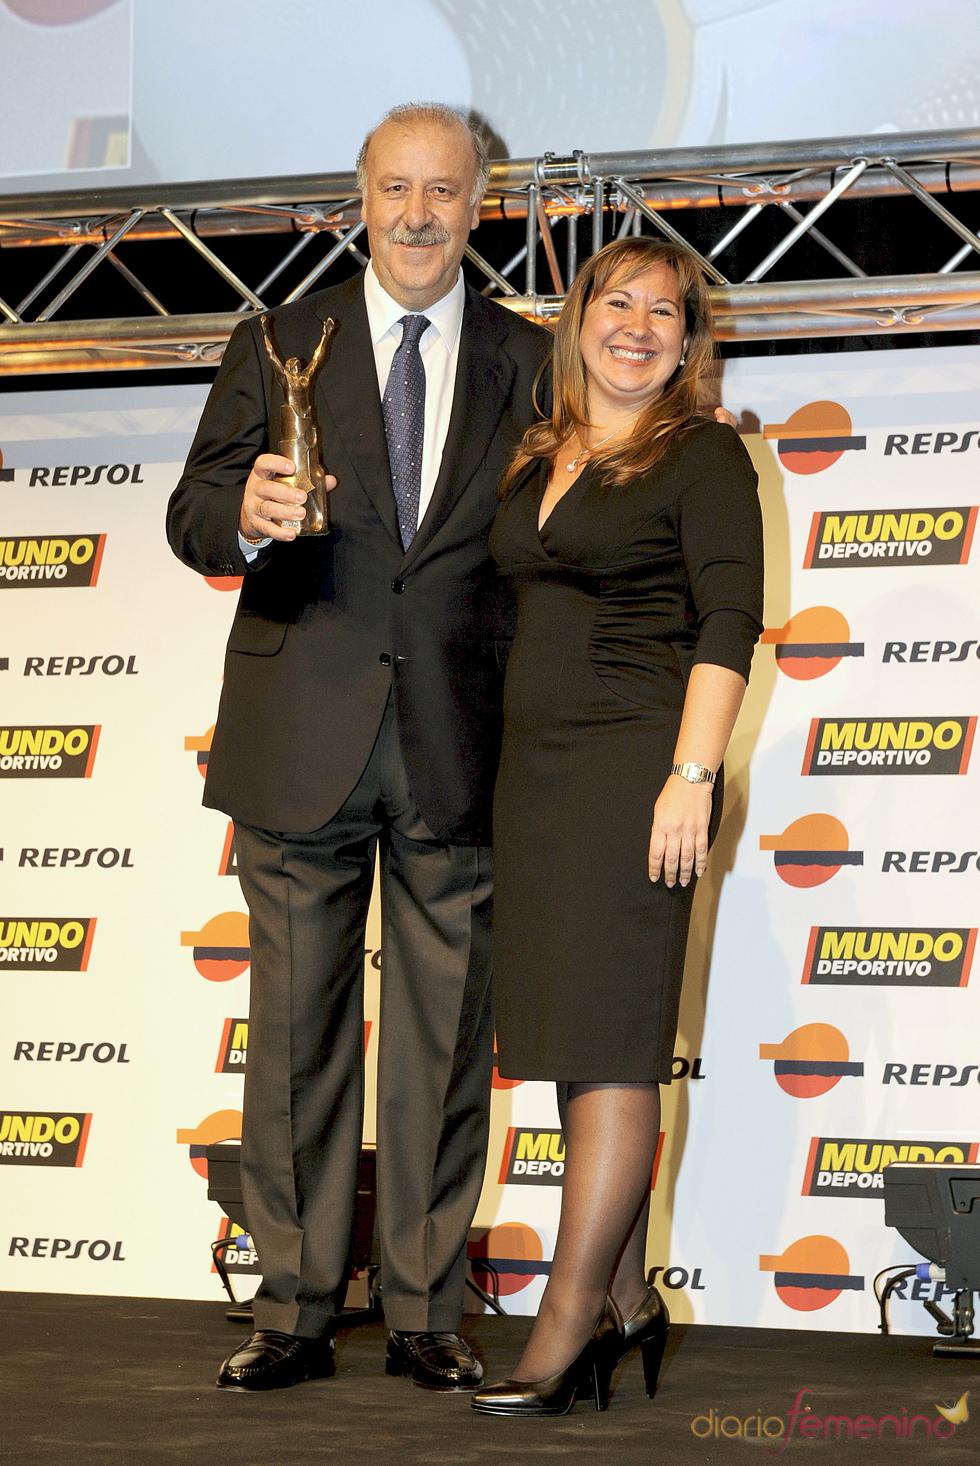 Vicente del Bosque posa con su premio en la gala 'Mundo Deportivo' 2011